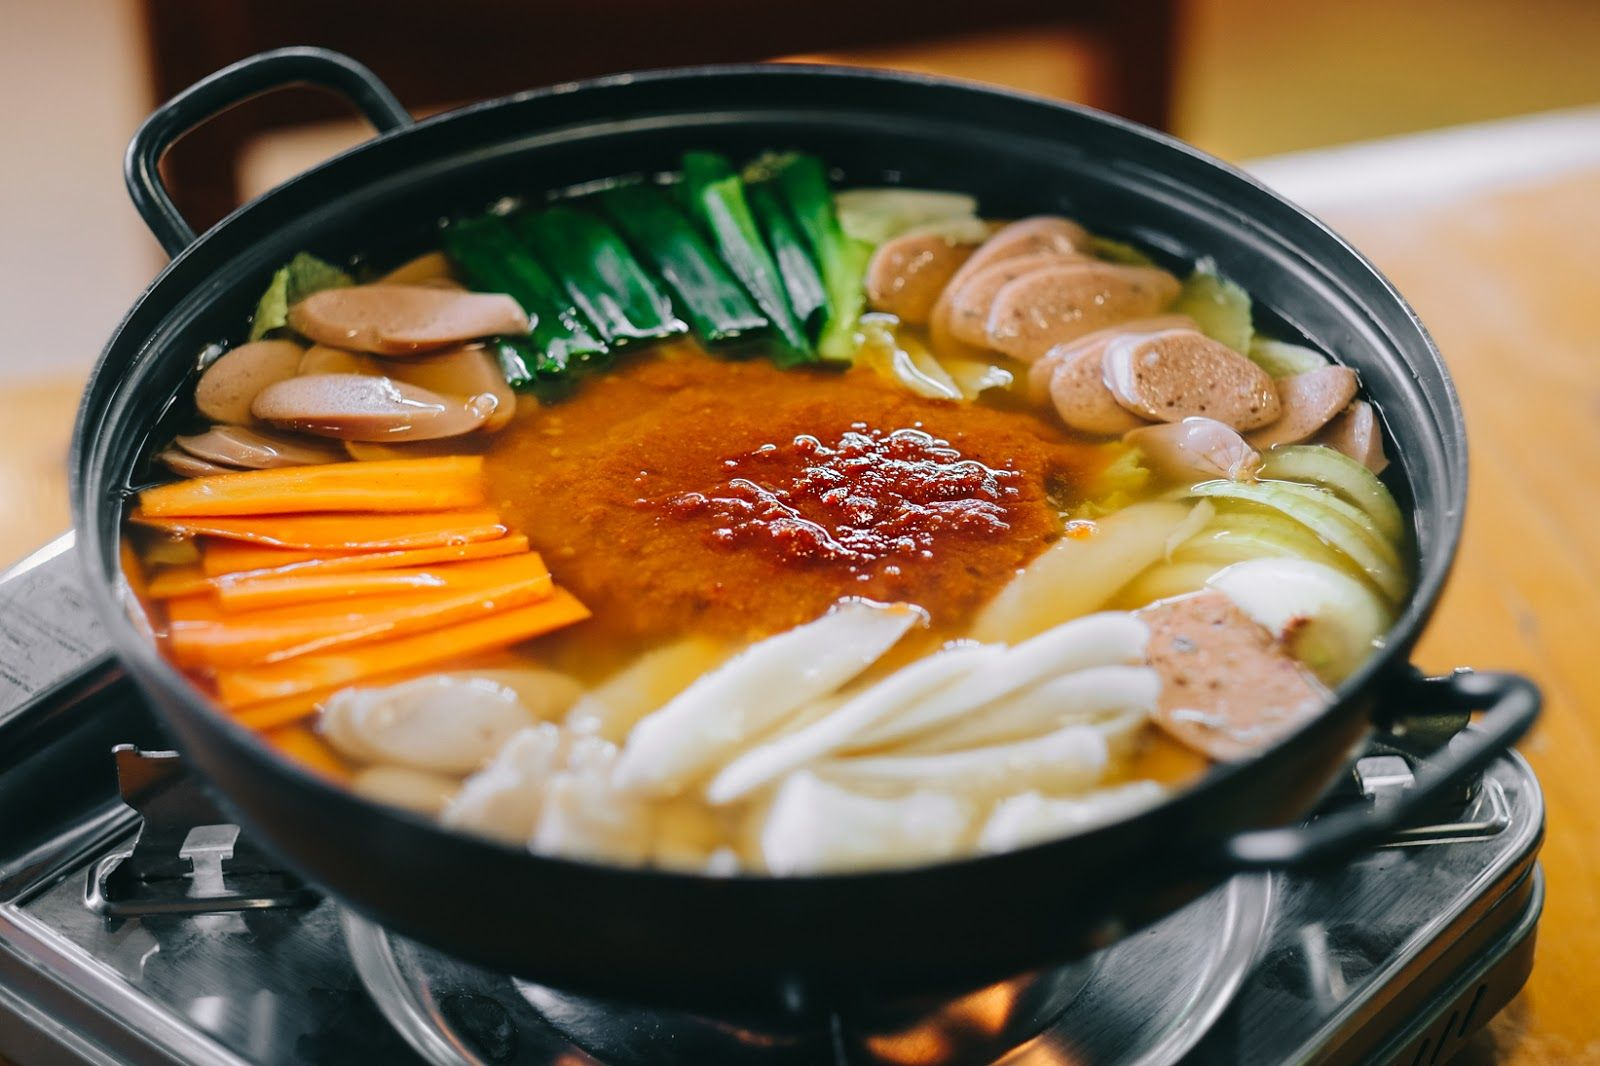 Restoran Korea Di Jakarta Ini Di Jamin Halal Wisata Kuliner Korea Di Beberapa Temapt Ini Dijamin Halal Selain Itu Tempatnya Pun Sangat Nyam Dan Restoran Korea